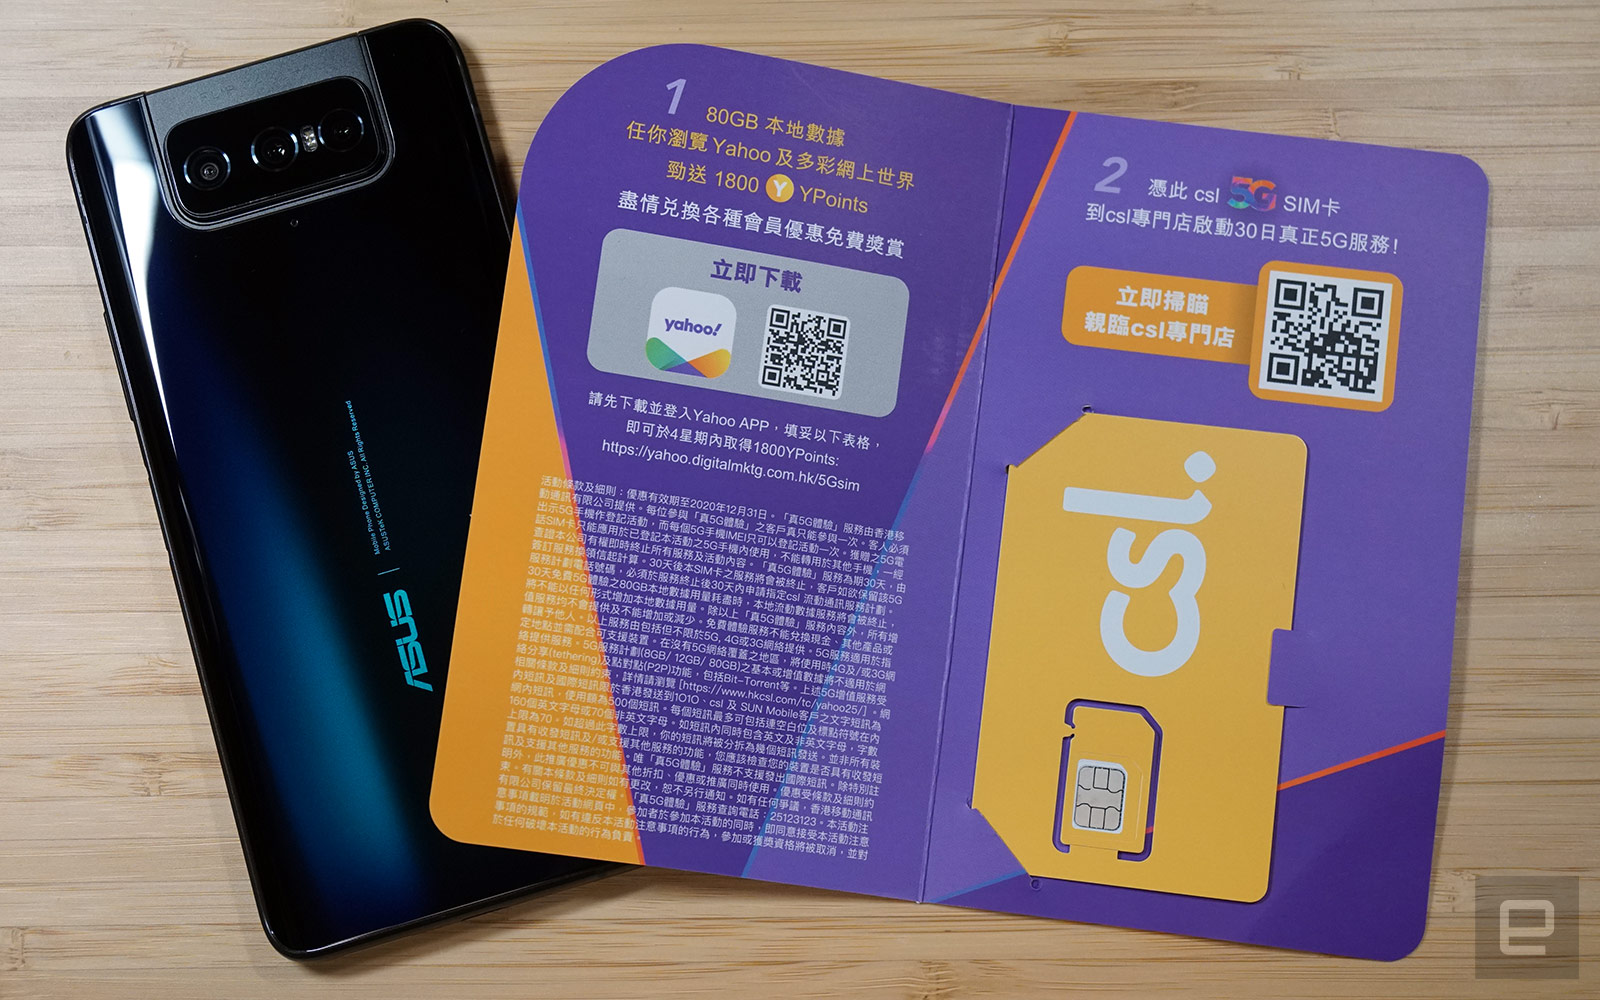 Yahoo! 5G SIM 卡